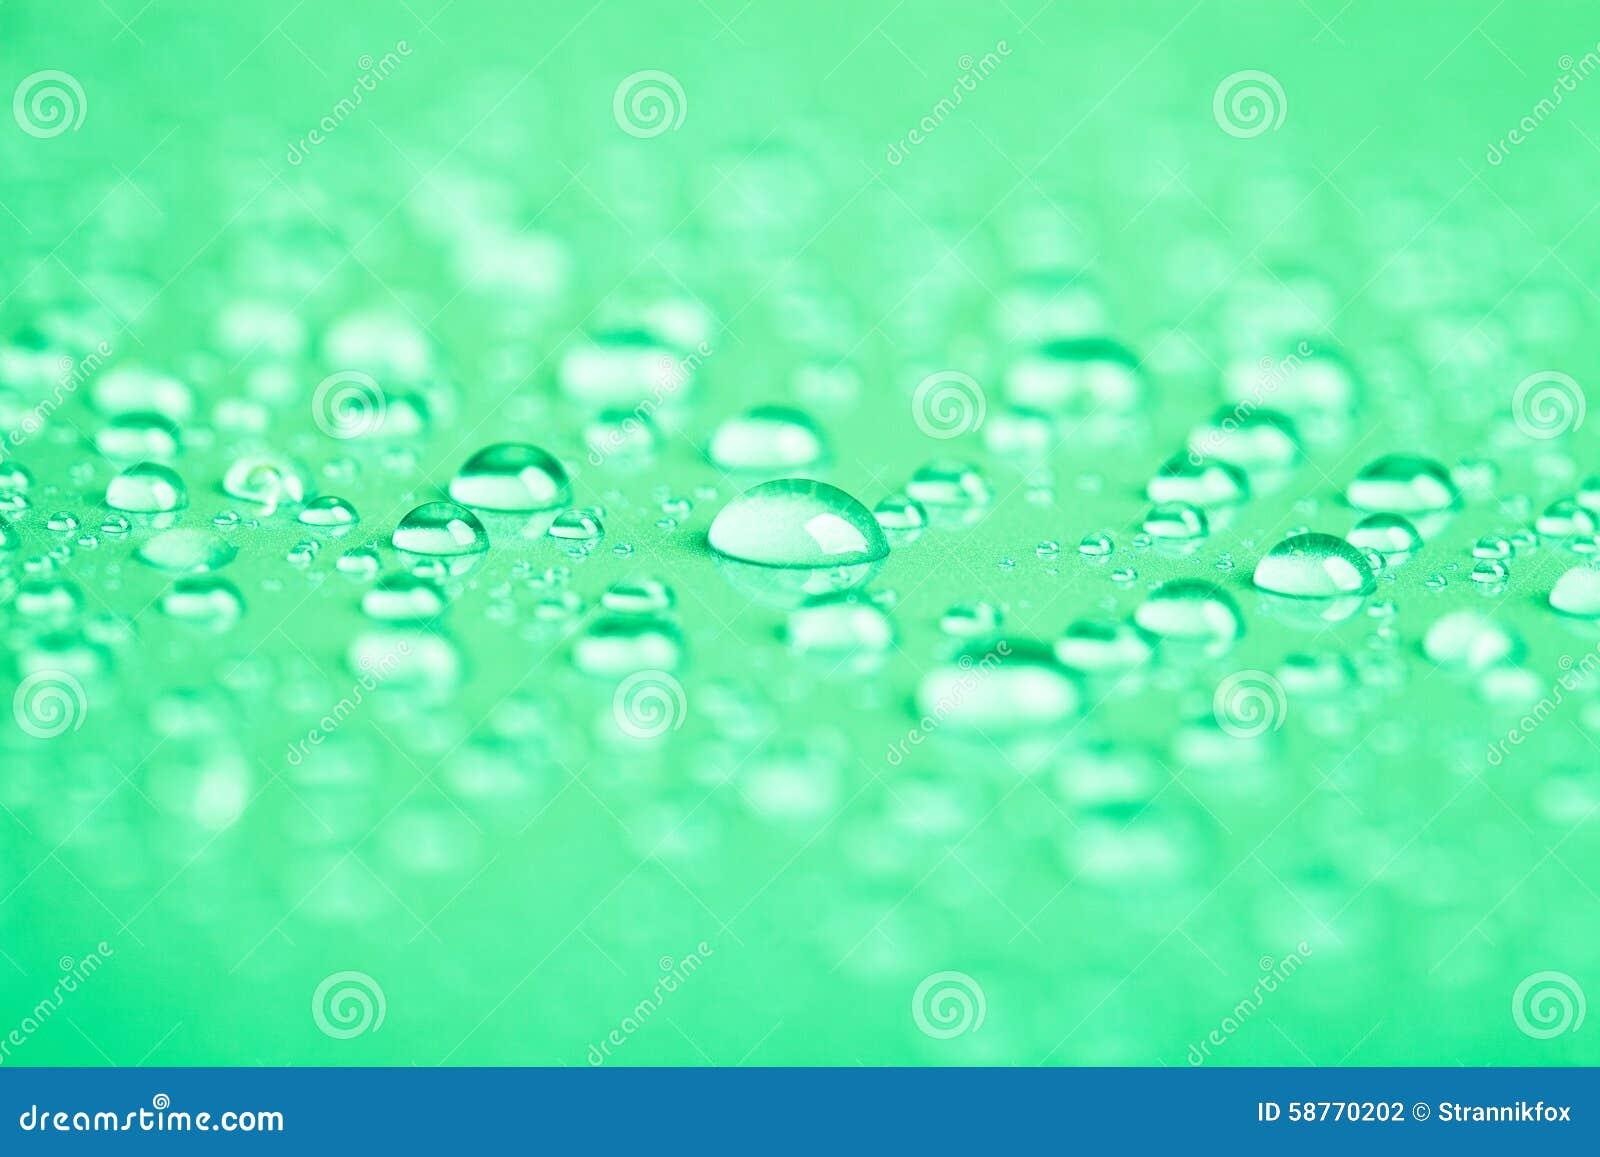 Fondos De Color Verde Agua: Descensos Del Agua En Un Fondo Del Color Verde Profundidad